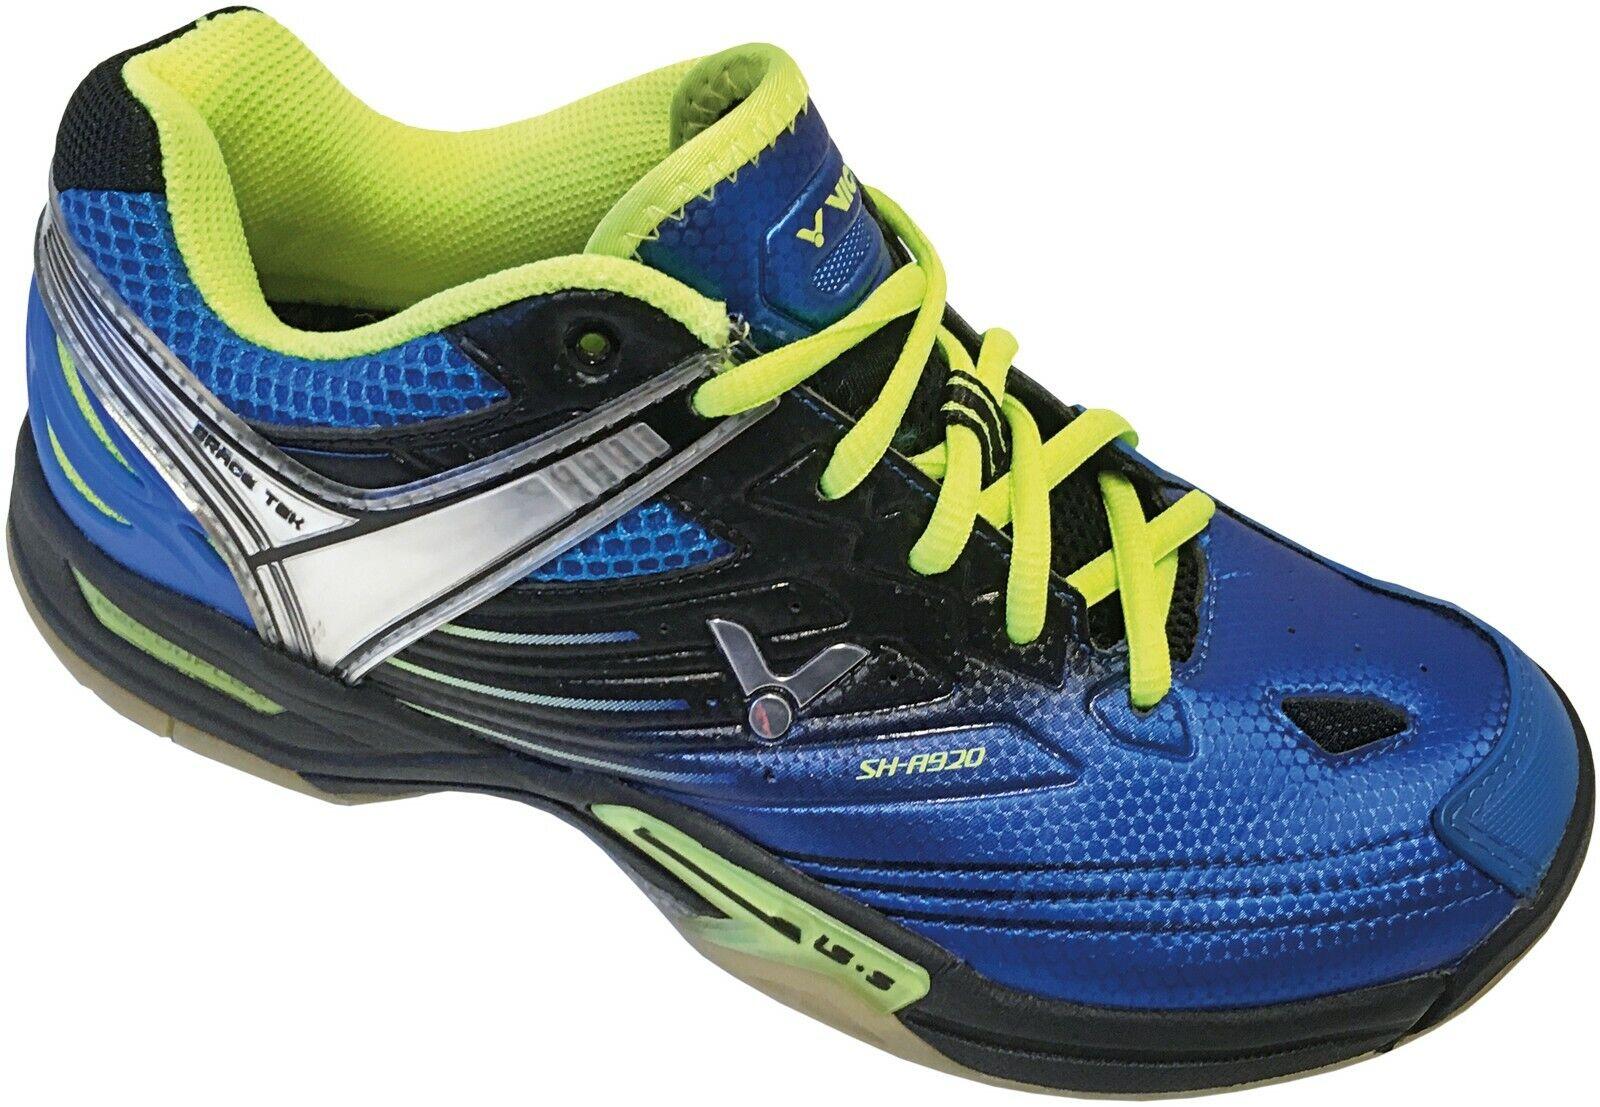 NIEUW Victor SH-A920 Indoir Court schoenen in blauw Lime